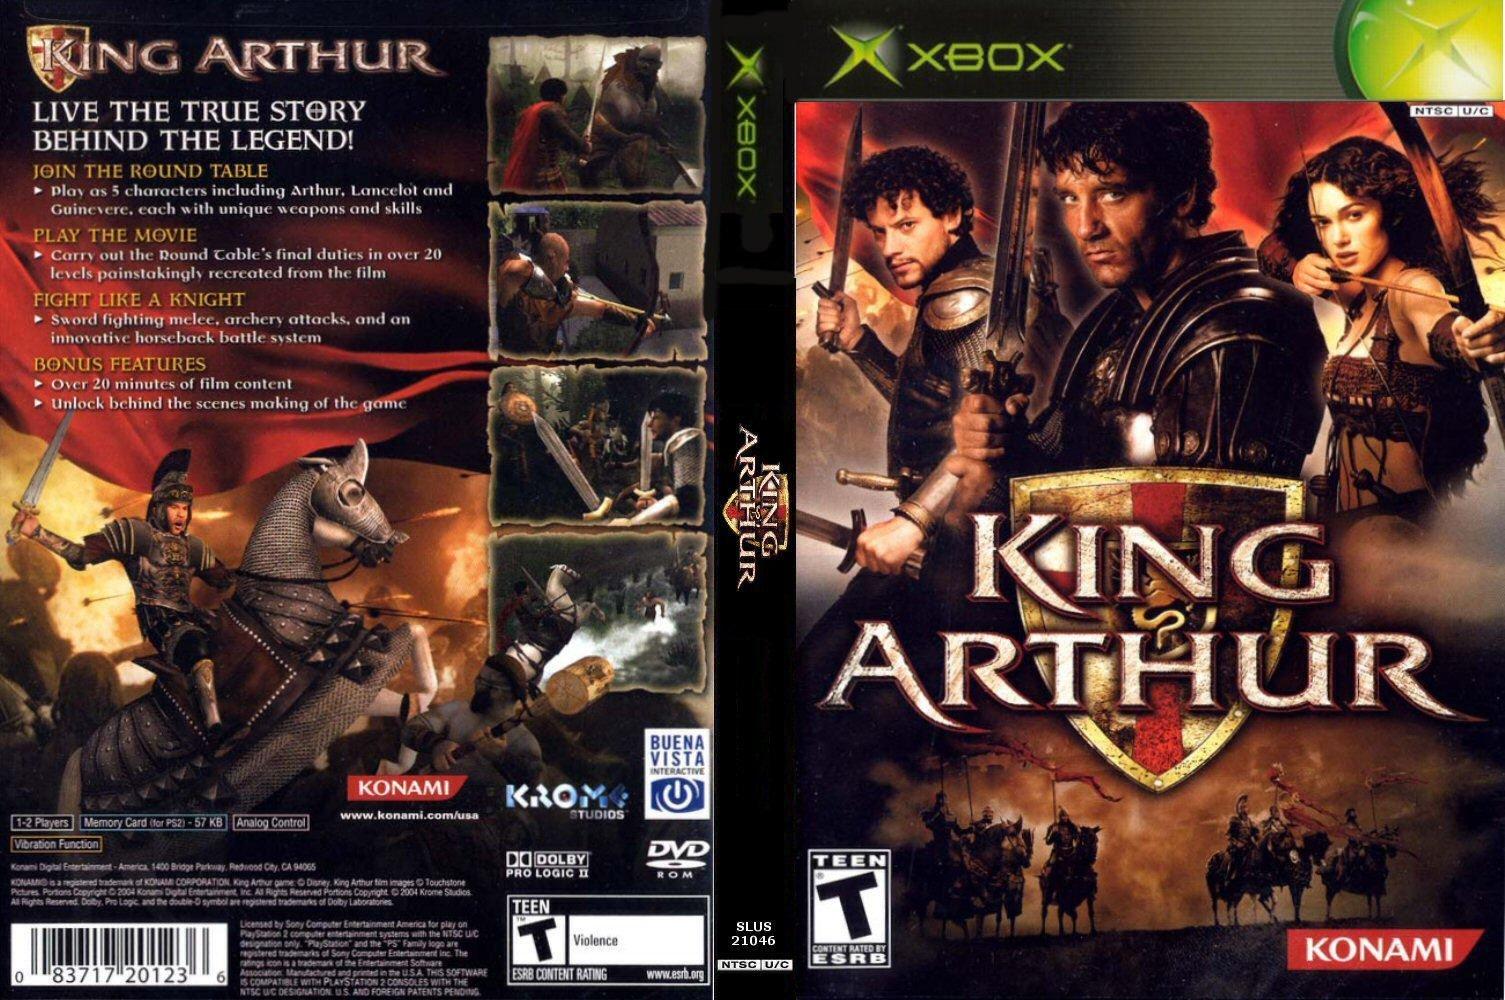 http://4.bp.blogspot.com/_7OUAznhU93g/S7JdDkx5K3I/AAAAAAAADVU/G9FzZsnWRBE/s1600/King_Arthur_Dvd_ntsc-%5Bcdcovers_cc%5D-front.jpg